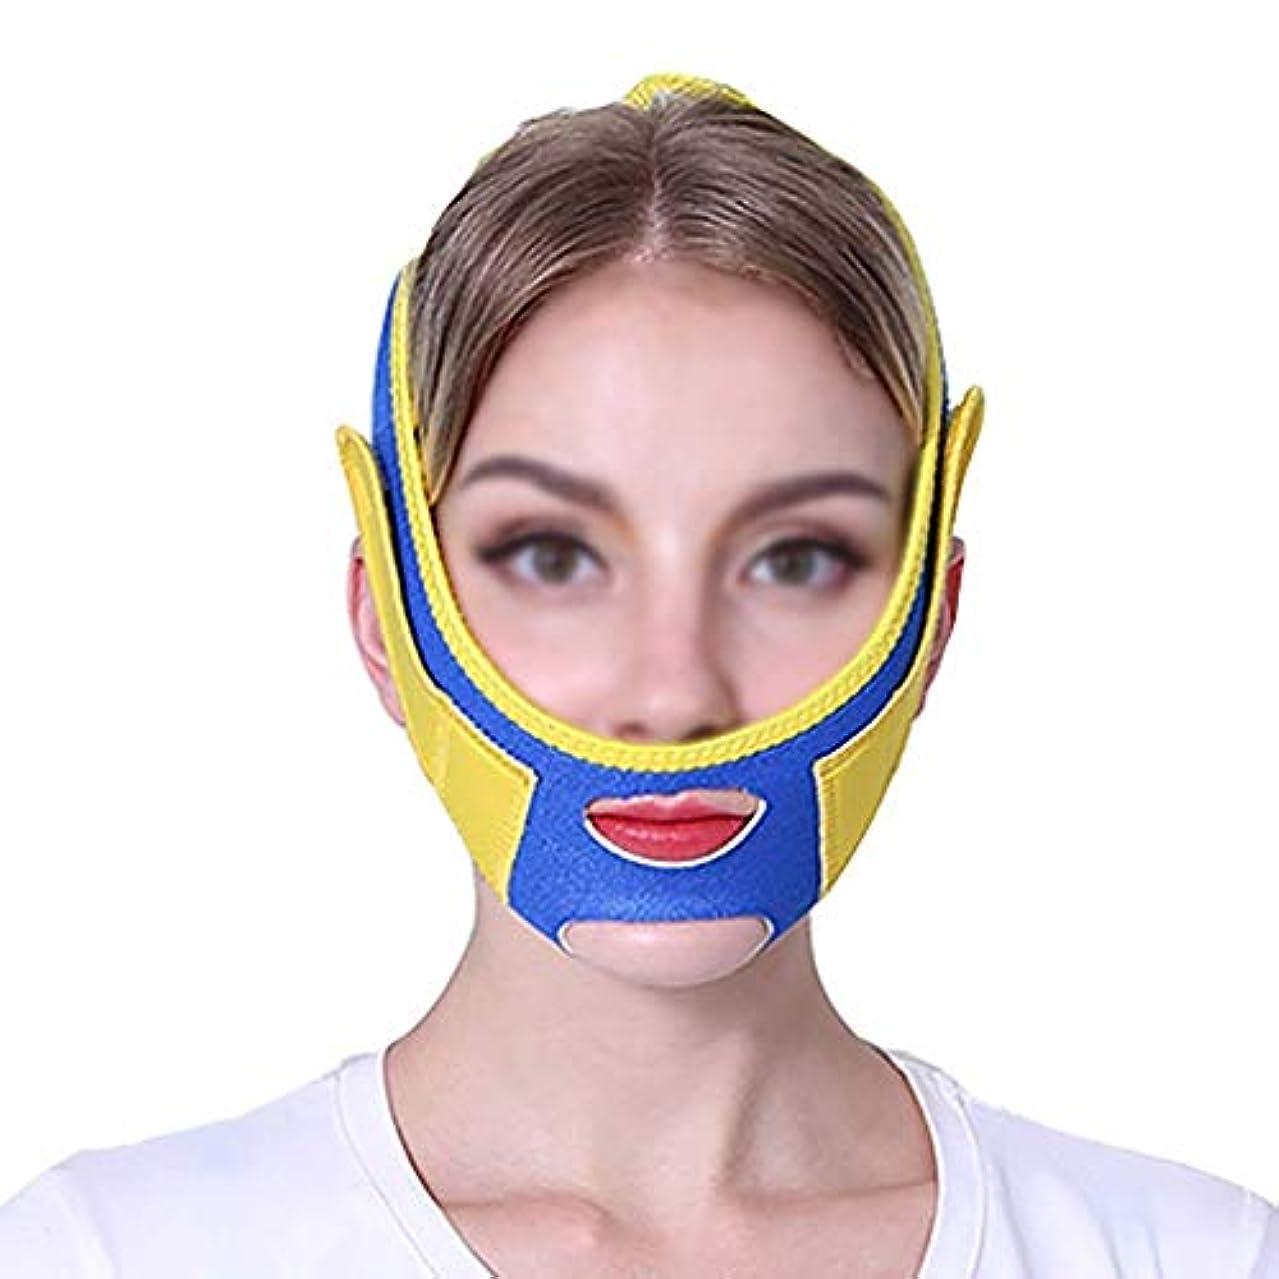 着実に椅子遅いファーミングフェイスマスク、スモールVフェイスアーティファクトリフティングマスクフェイスリフティングフェイスメロンフェイスリフティングフェイスマスクファーミングクリームフェイスリフティングバンデージ